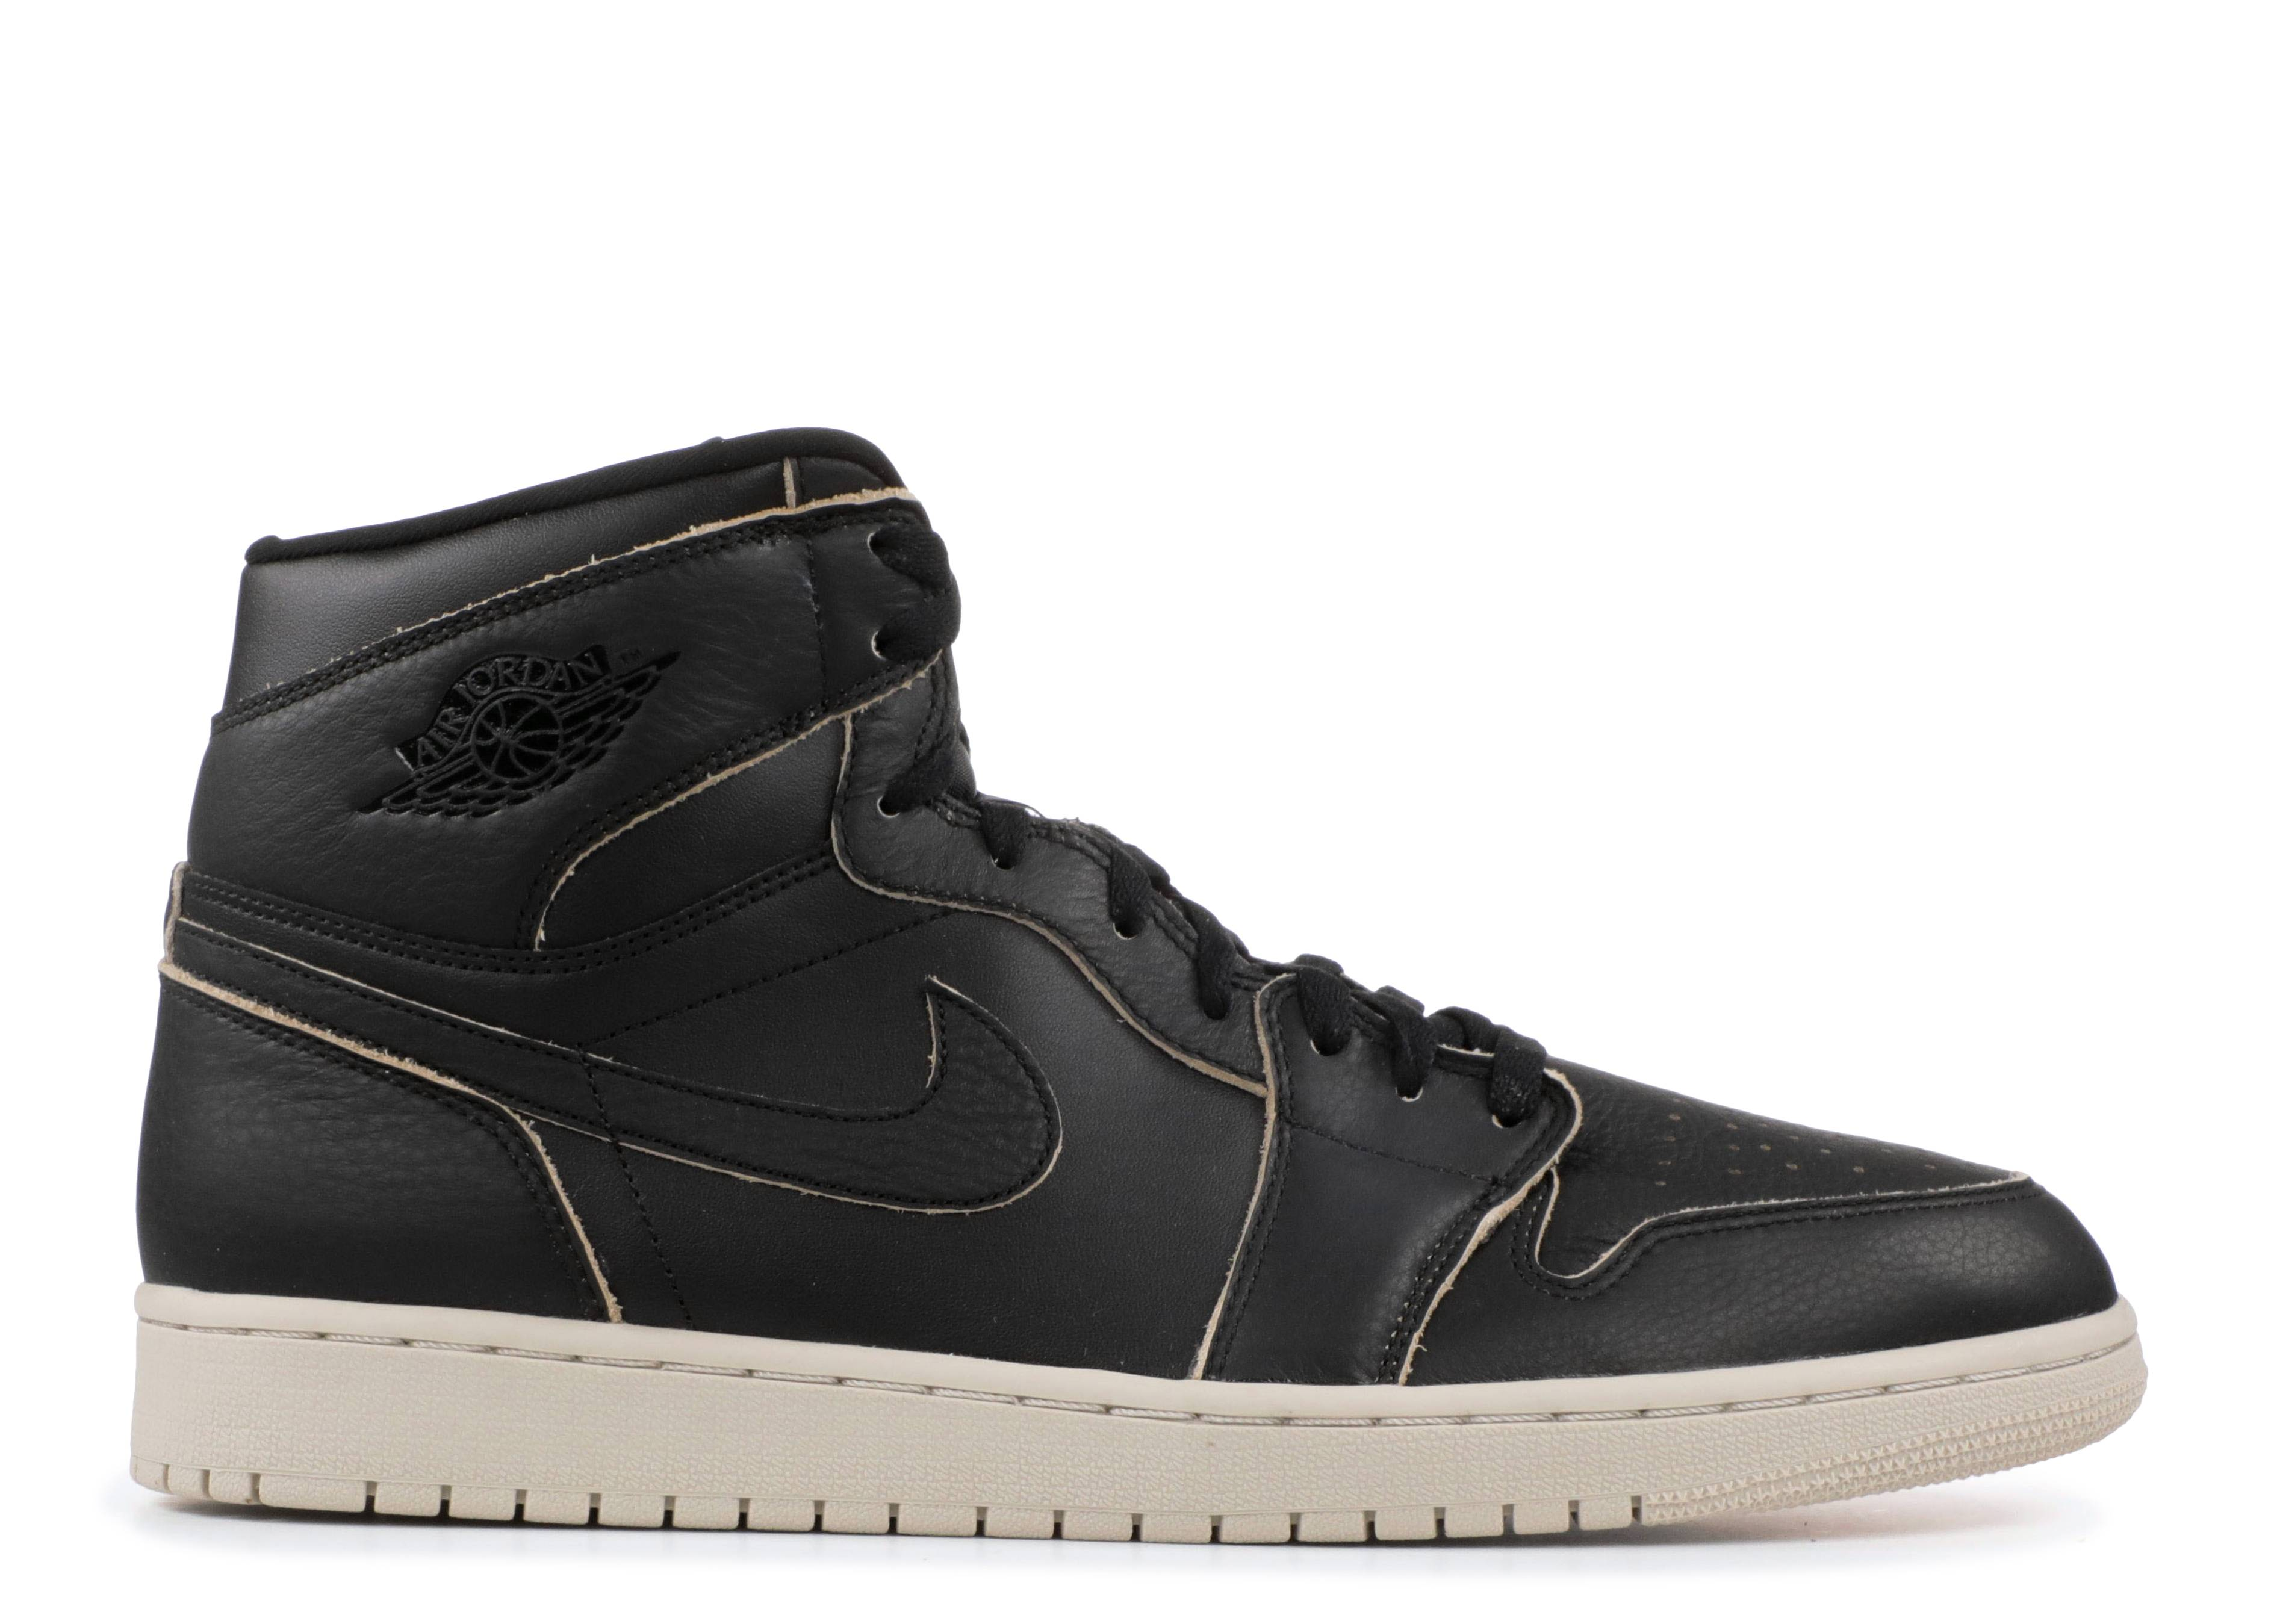 b79964dd7d7735 Air Jordan 1 Retro High Prem - Air Jordan - aa3993 021 - black black ...